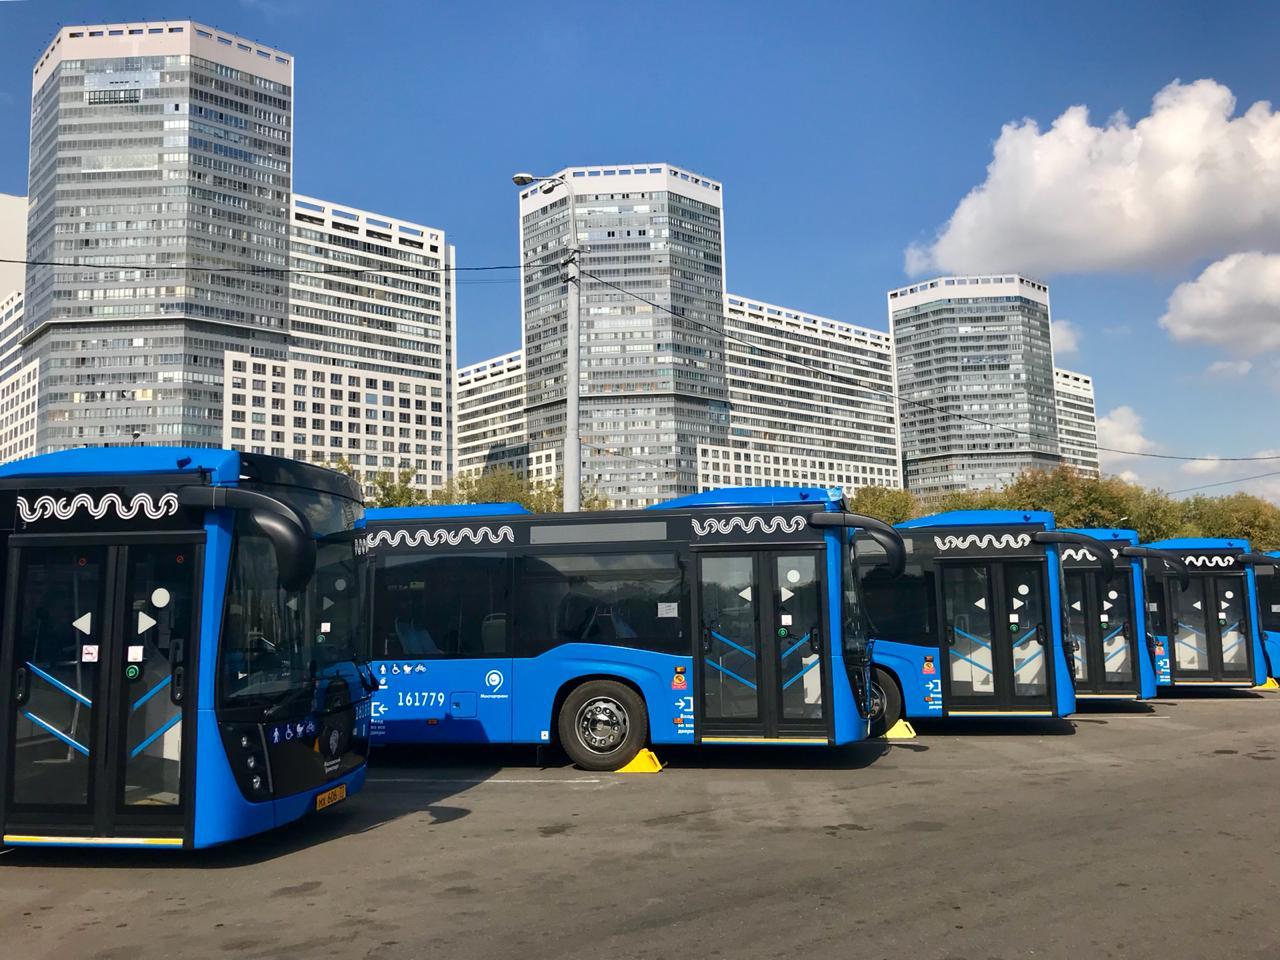 «КАМАЗ» закрыл очередной контракт на поставку автобусов для Москвы